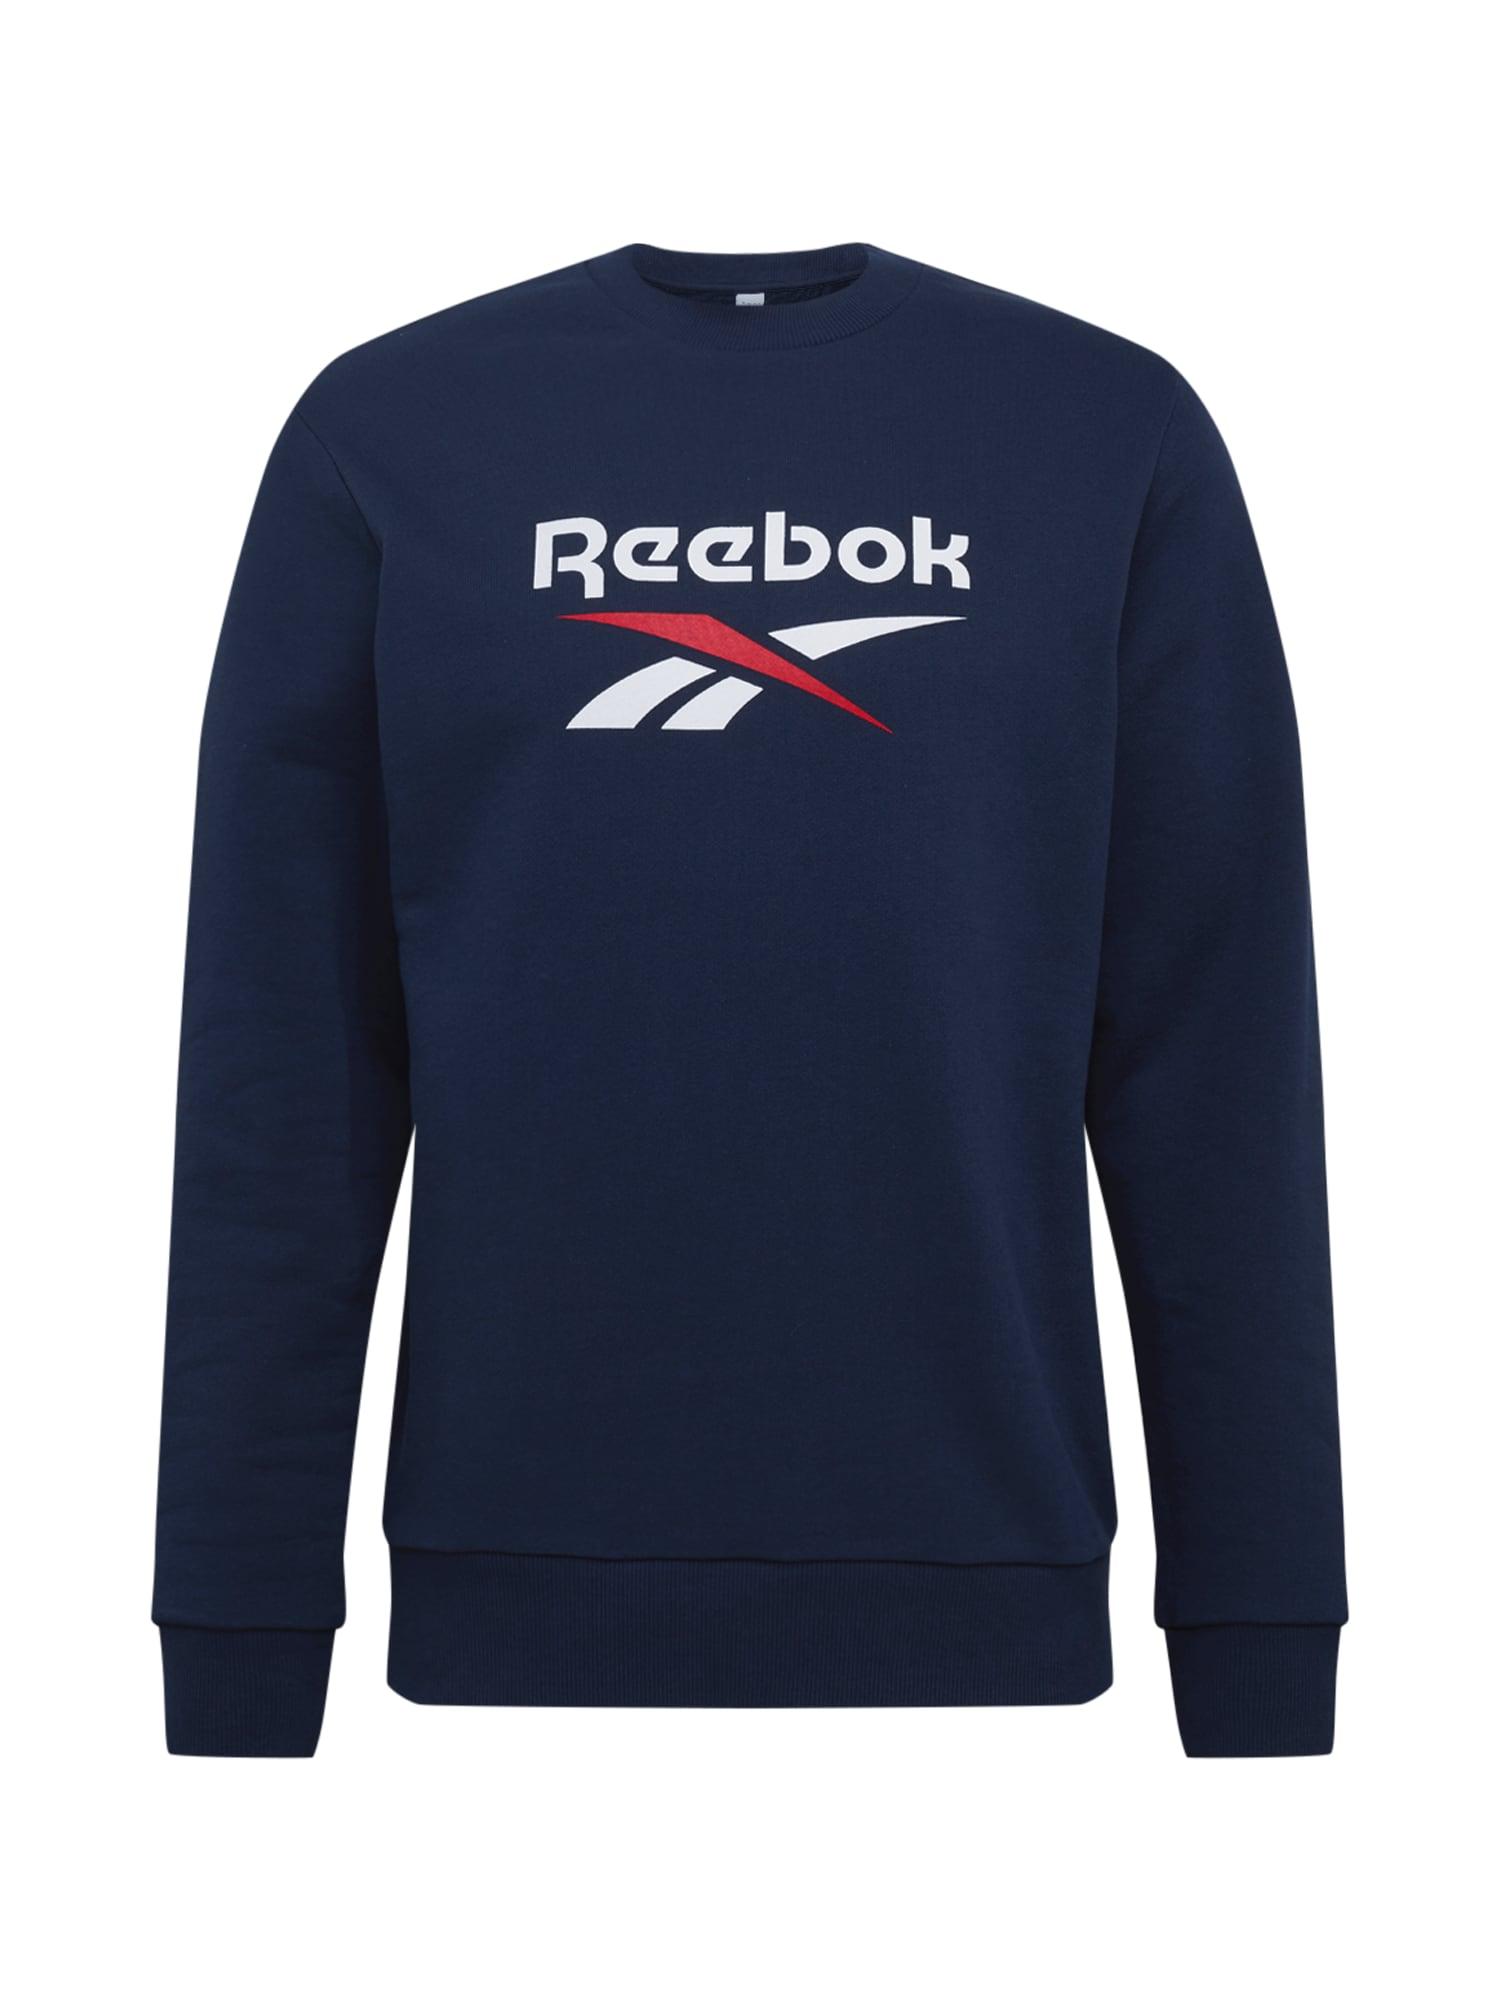 REEBOK Sportinio tipo megztinis tamsiai mėlyna / balta / raudona